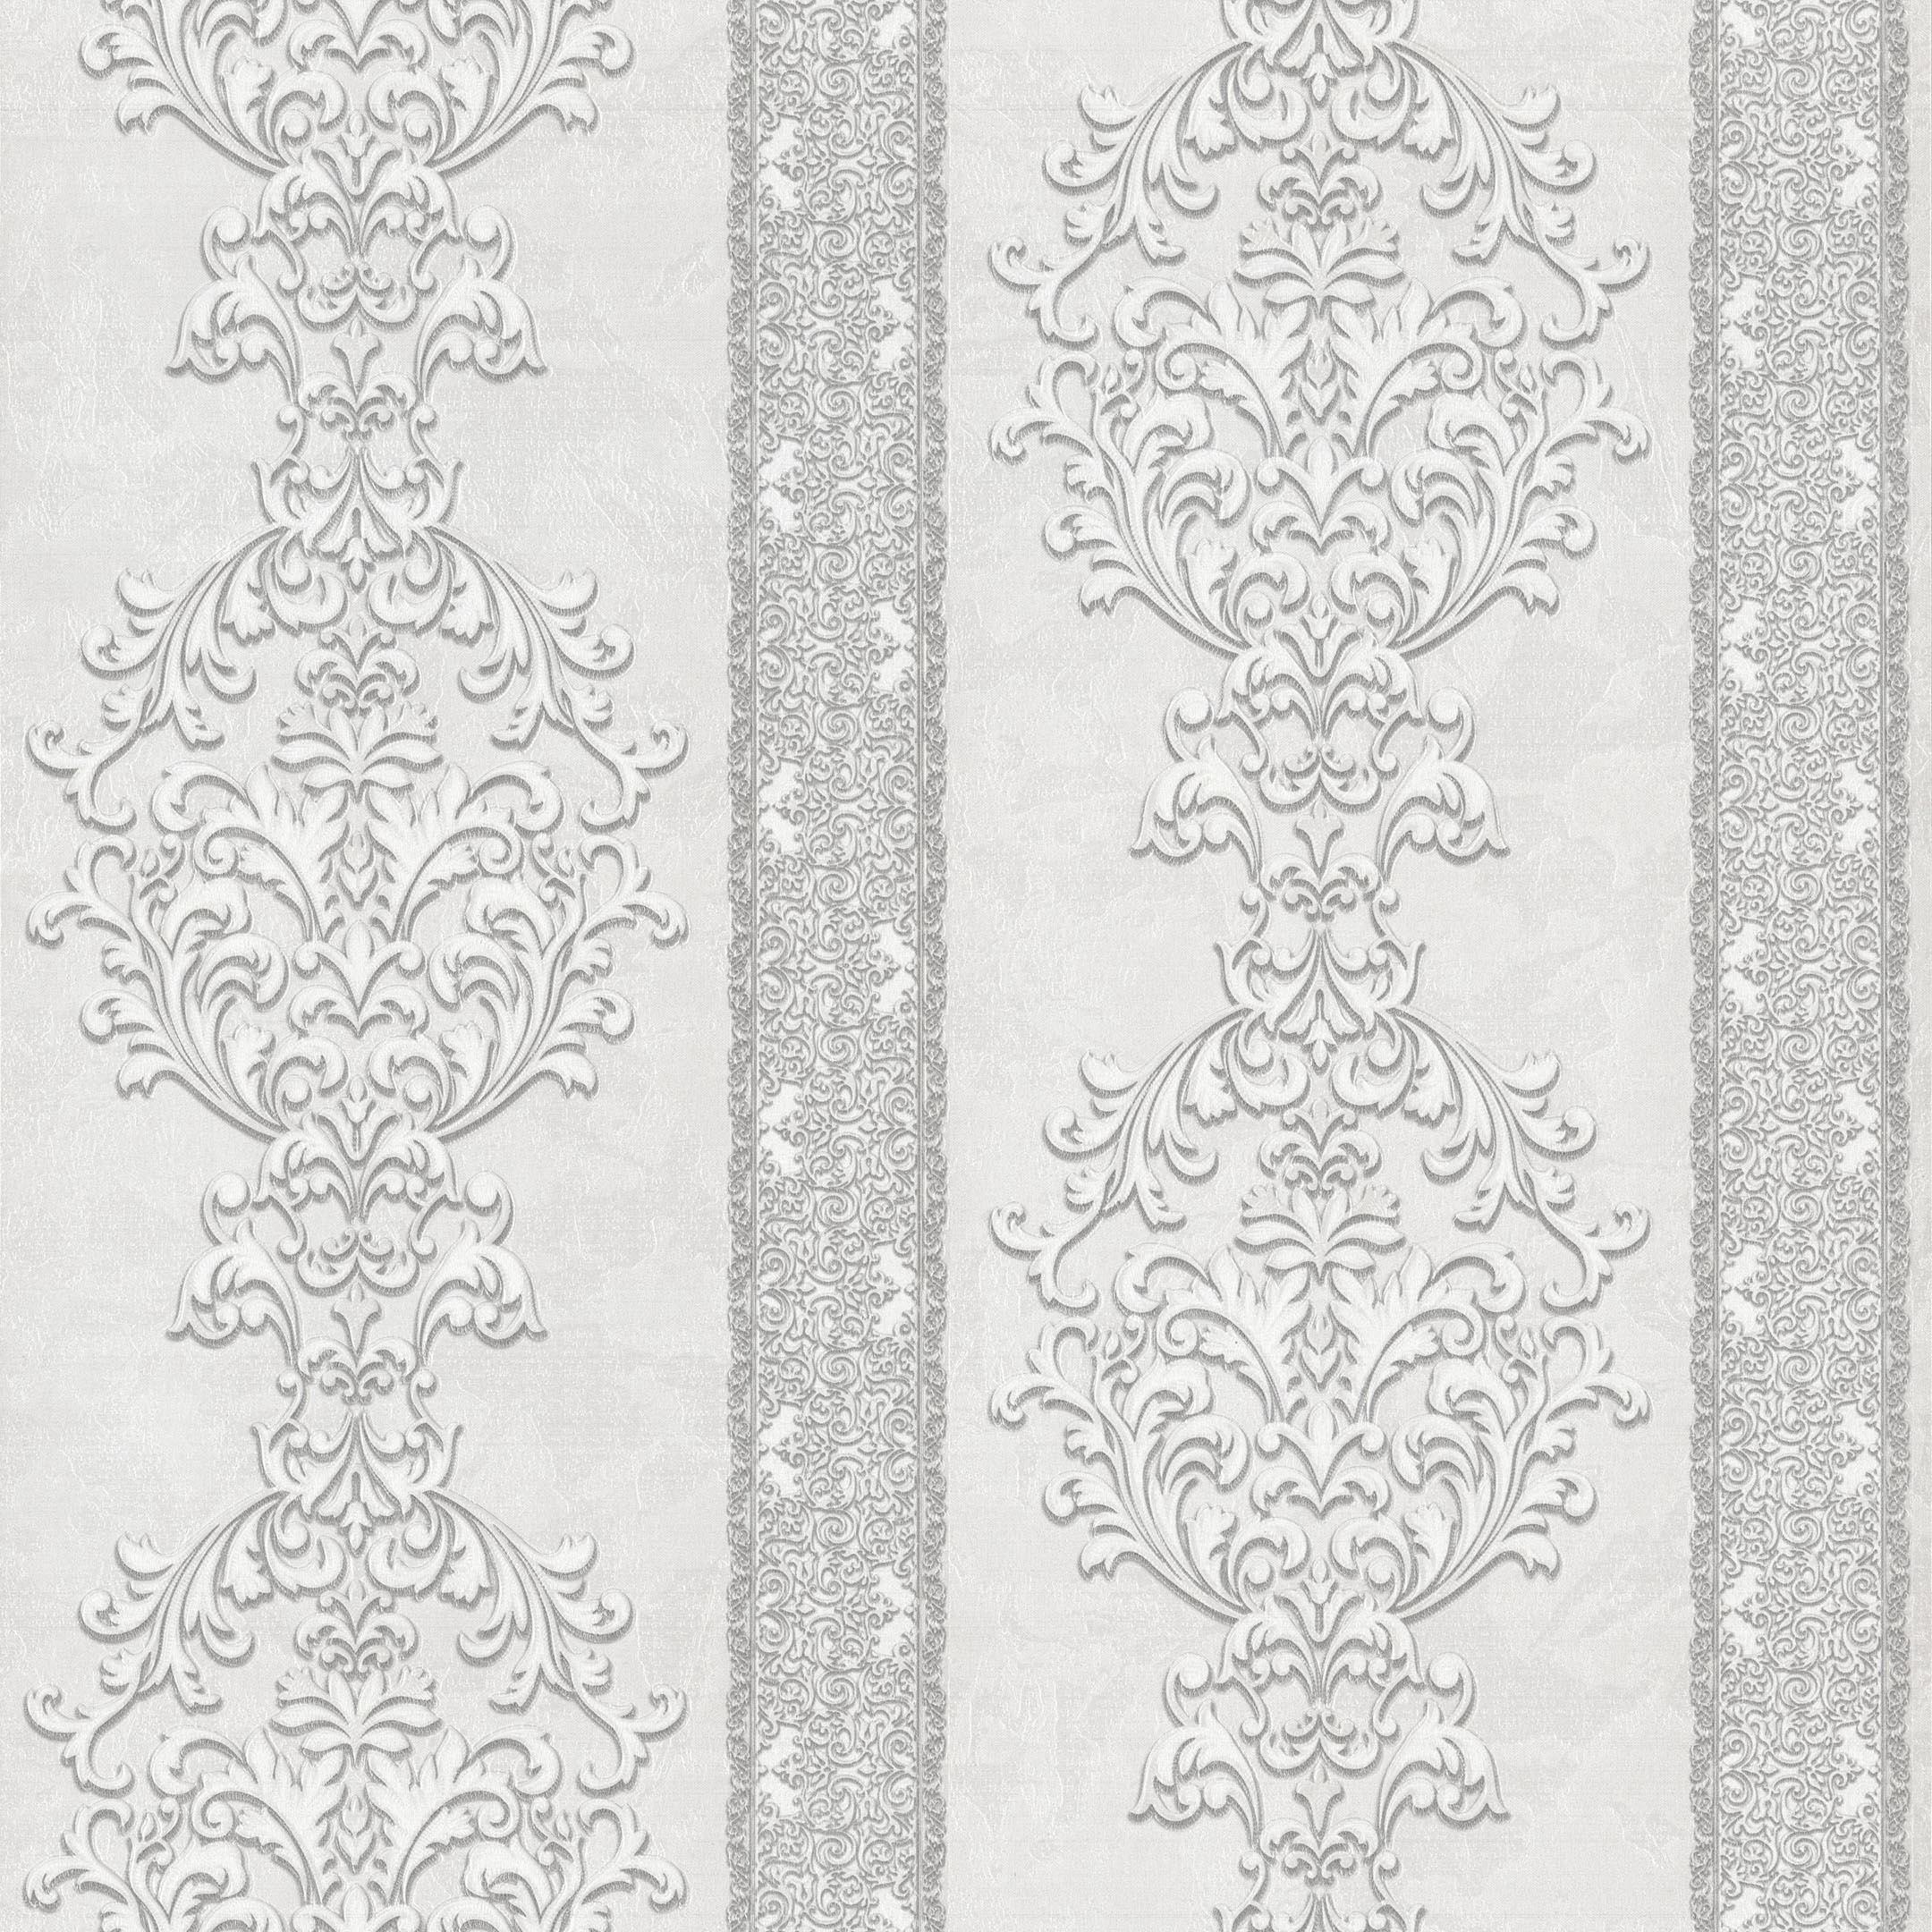 Обои бумажные Саратовские обои Бренд Д569-00 (0,53х10,05 м) стоимость